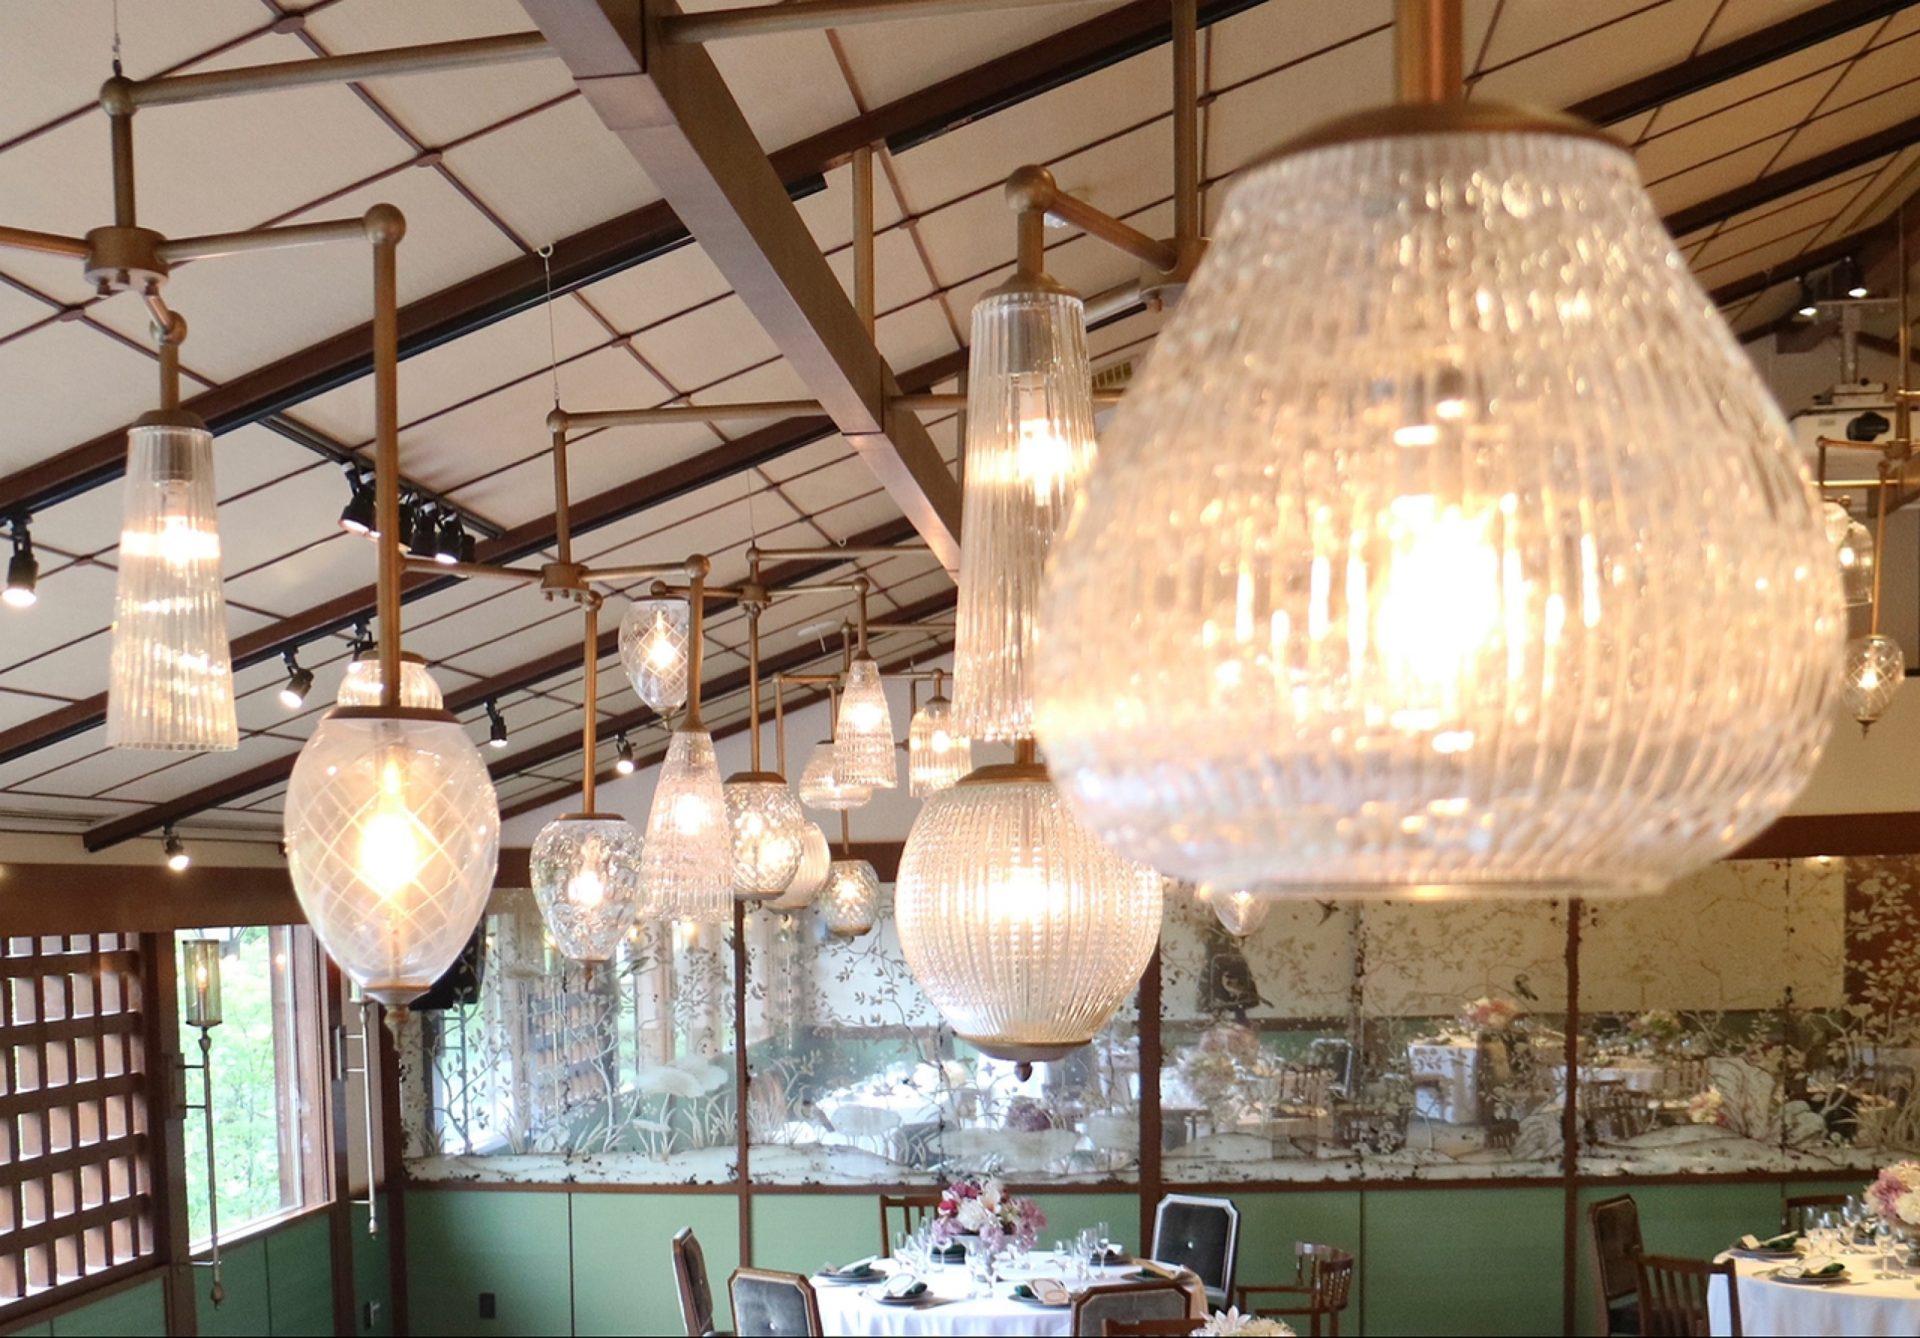 京都の落ち着いた結婚式会場ザ ソウドウ ヒガシヤマ キョウトのランプが印象的な華やかな披露宴会場 THE PAGODA